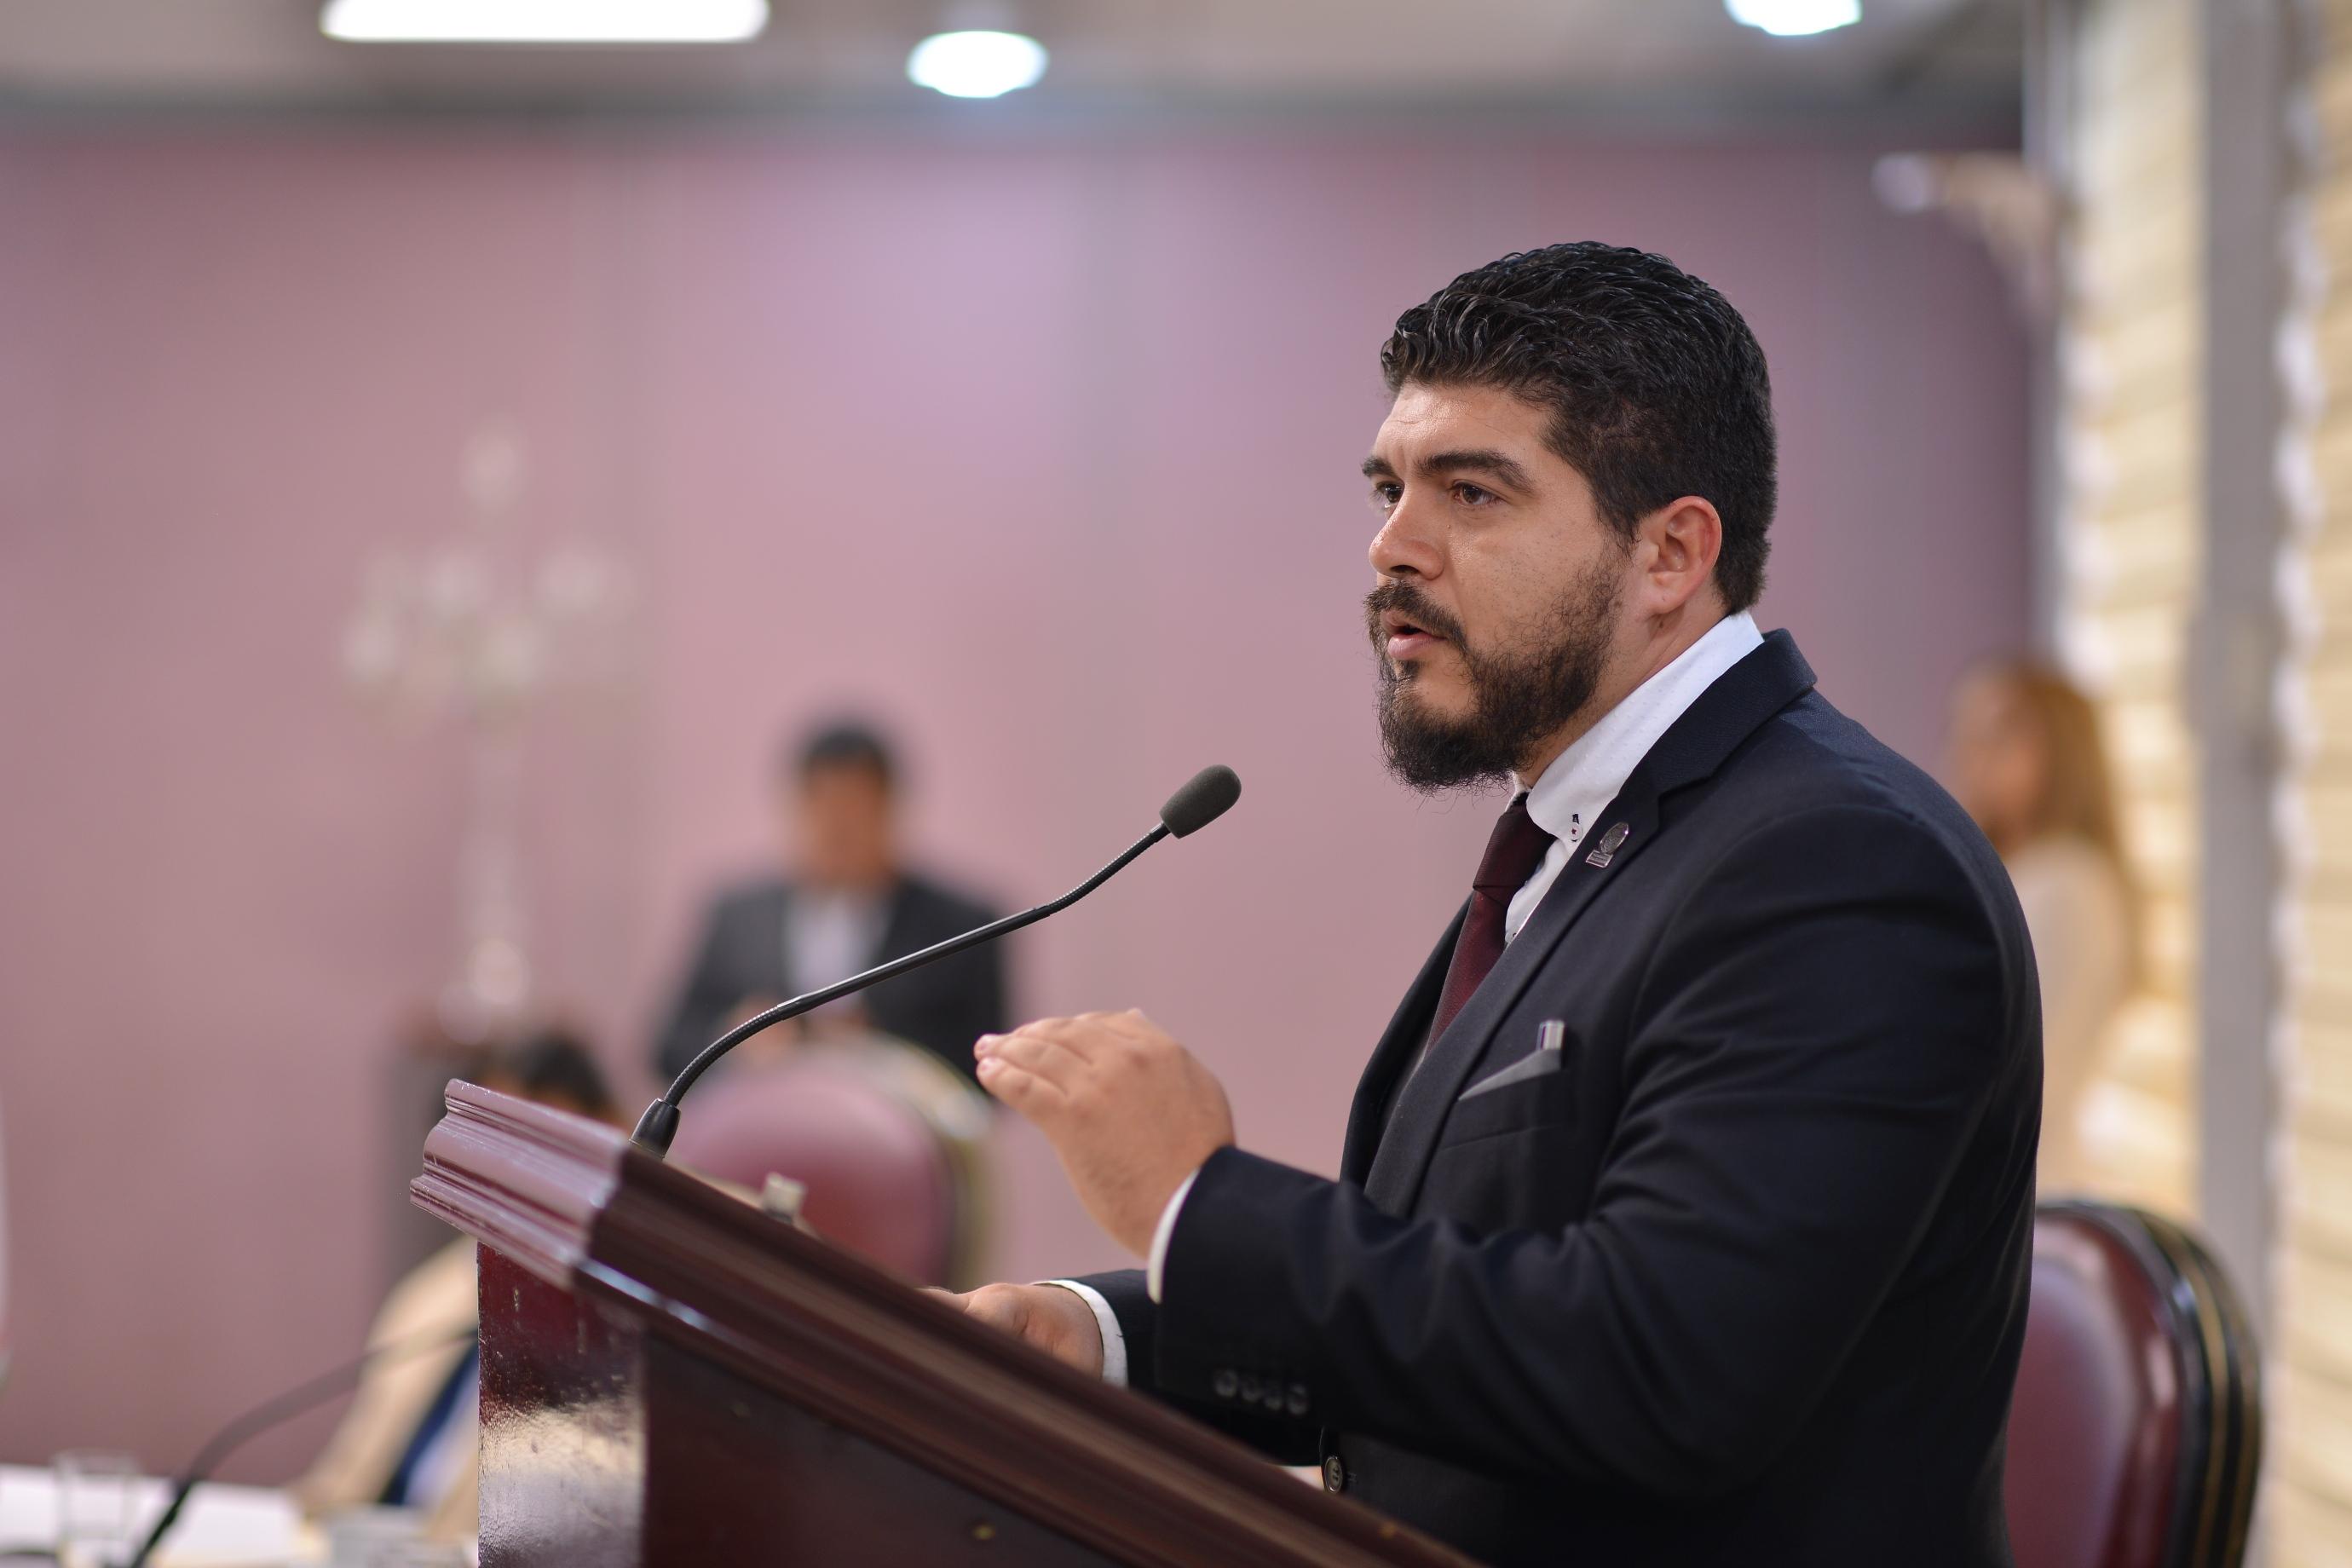 Partidos destinarían 50% de prerrogativas para apoyo a damnificados